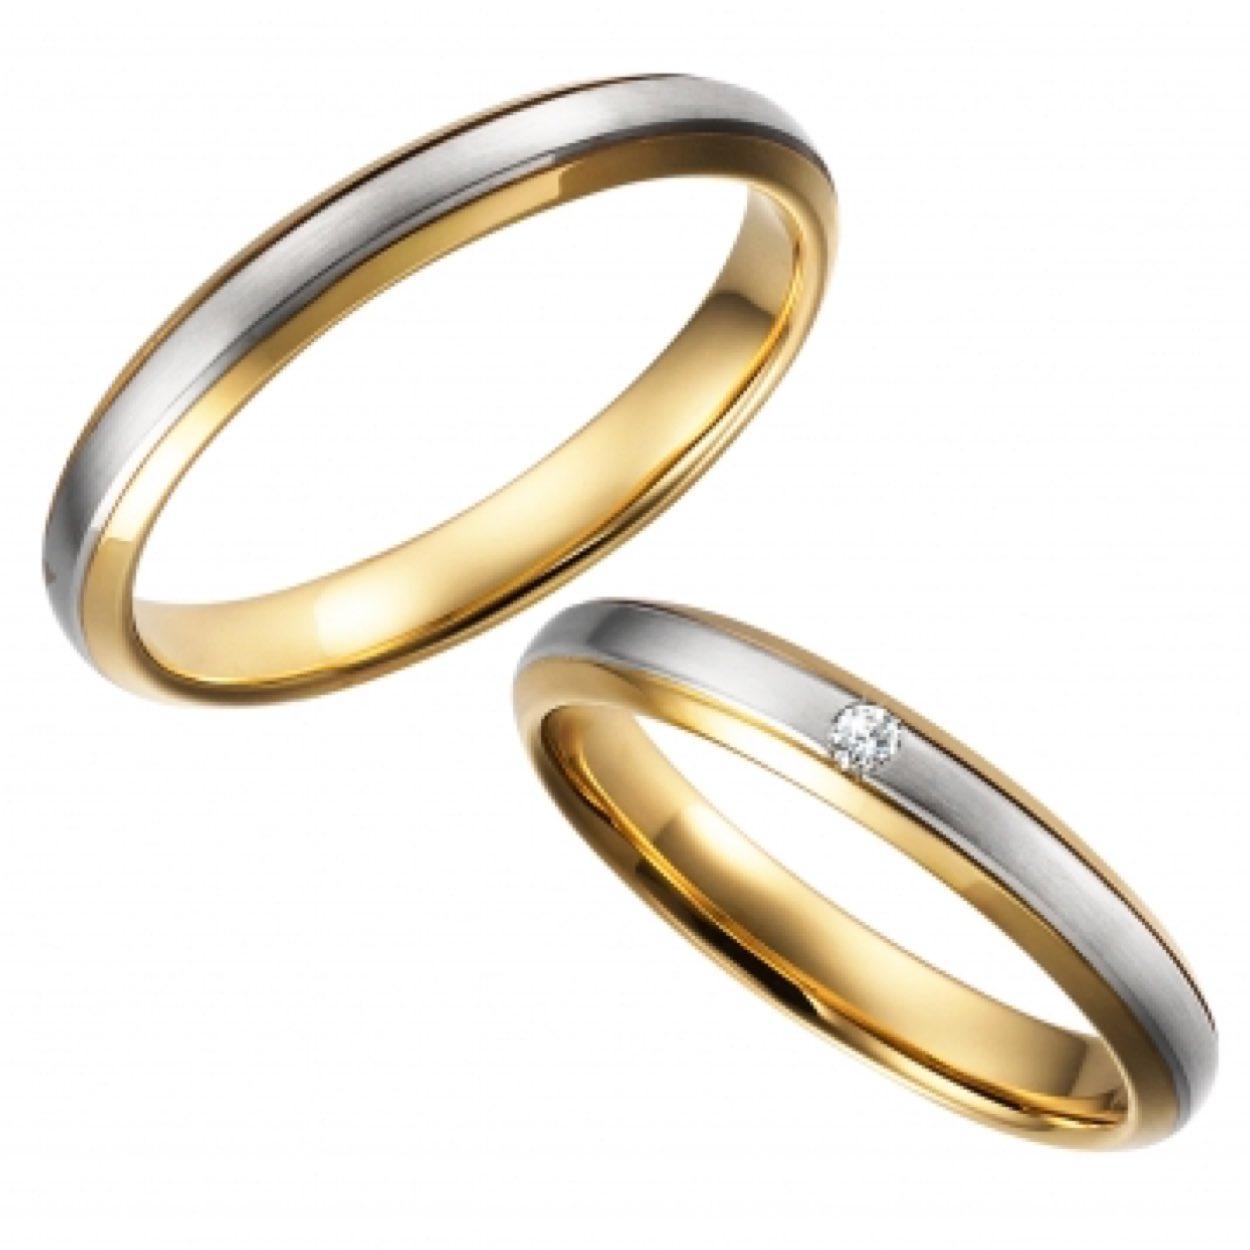 〈結婚指輪〉combination